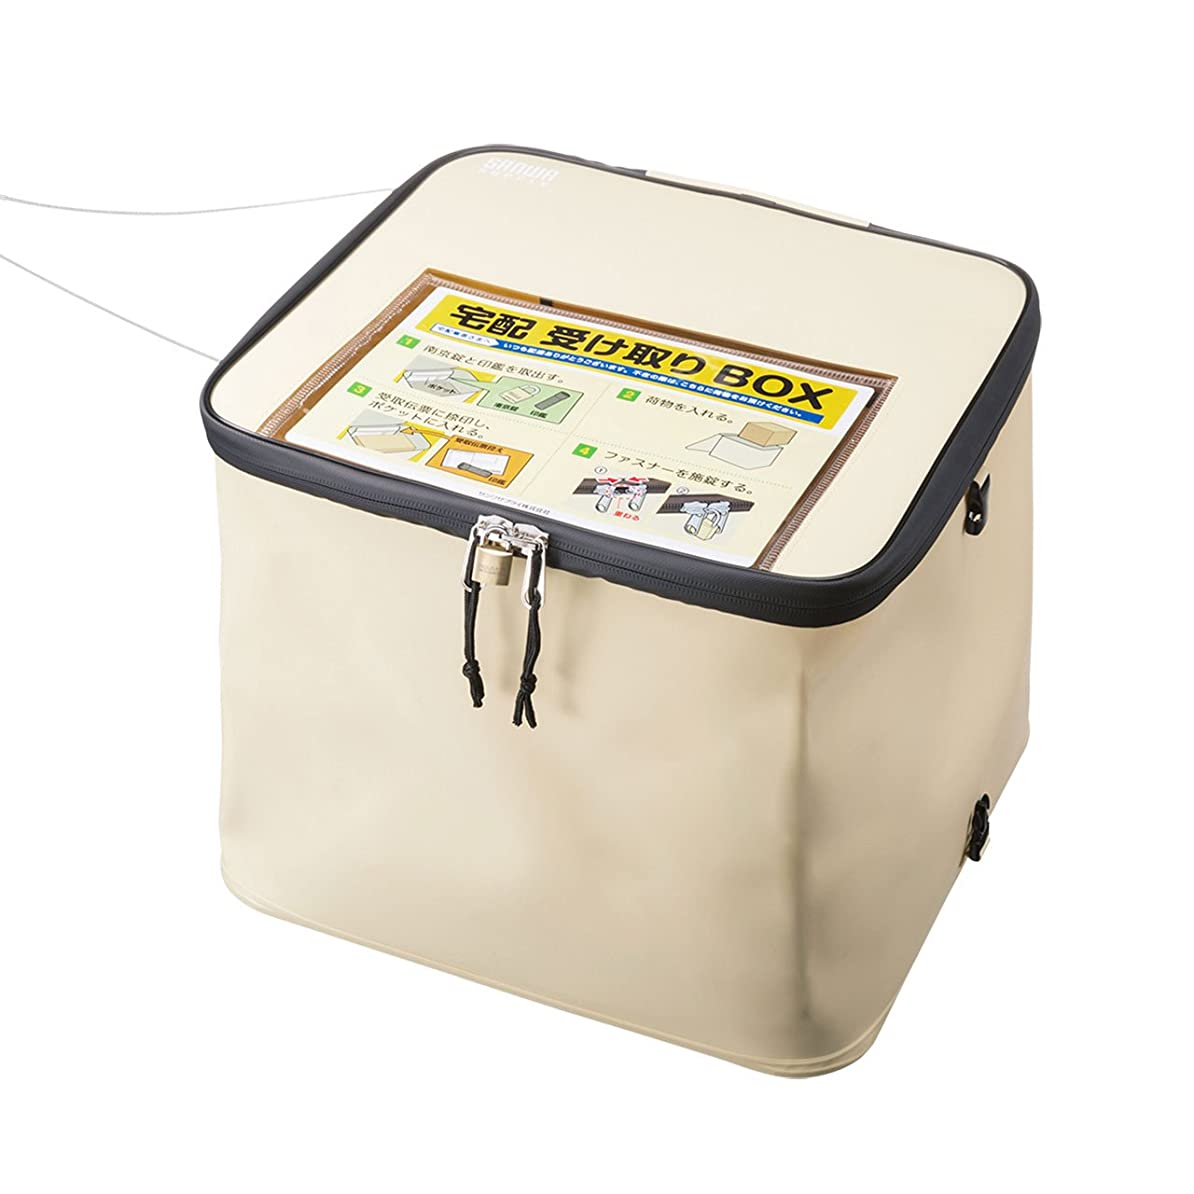 分析するタンパク質治すサンワサプライ 宅配ボックス 折りたたみ式 50Lサイズ(アイボリー) DB-BOX1